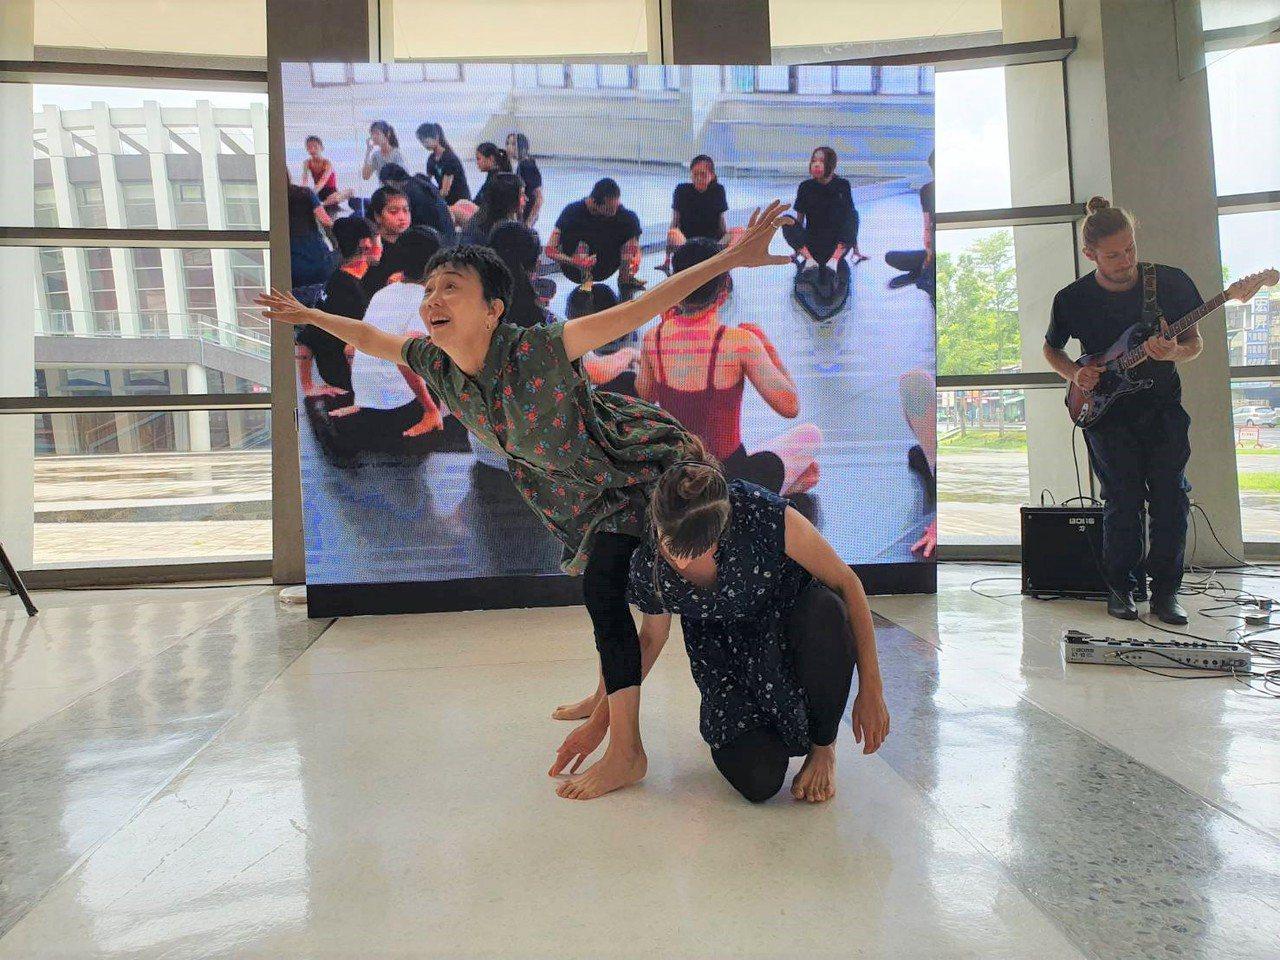 圖為蔡孟霙空間舞團。圖/屏東縣政府文化處提供